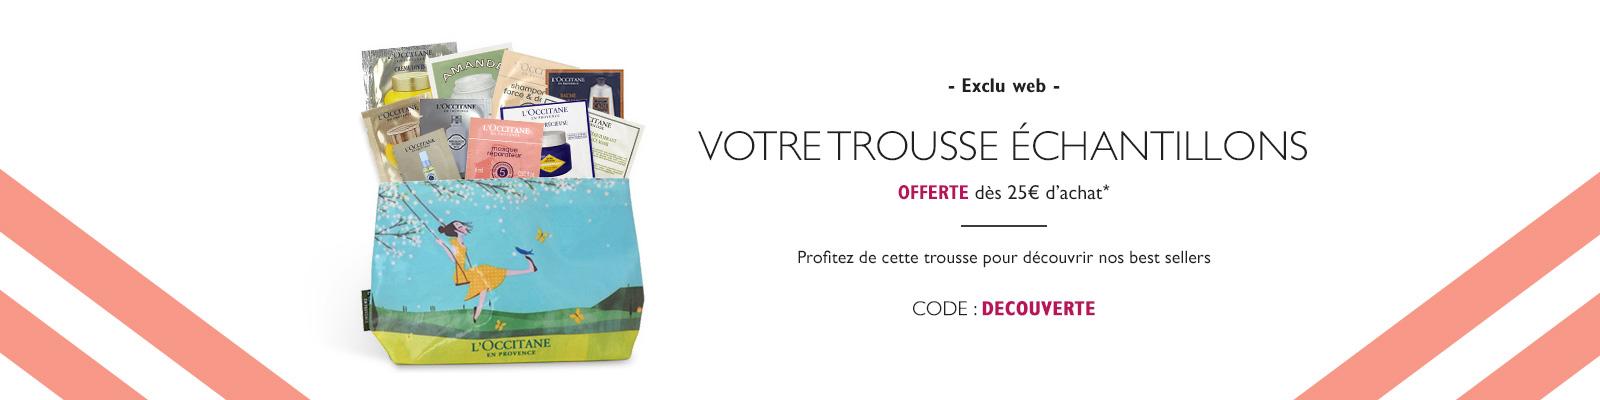 Trousse Echantillon